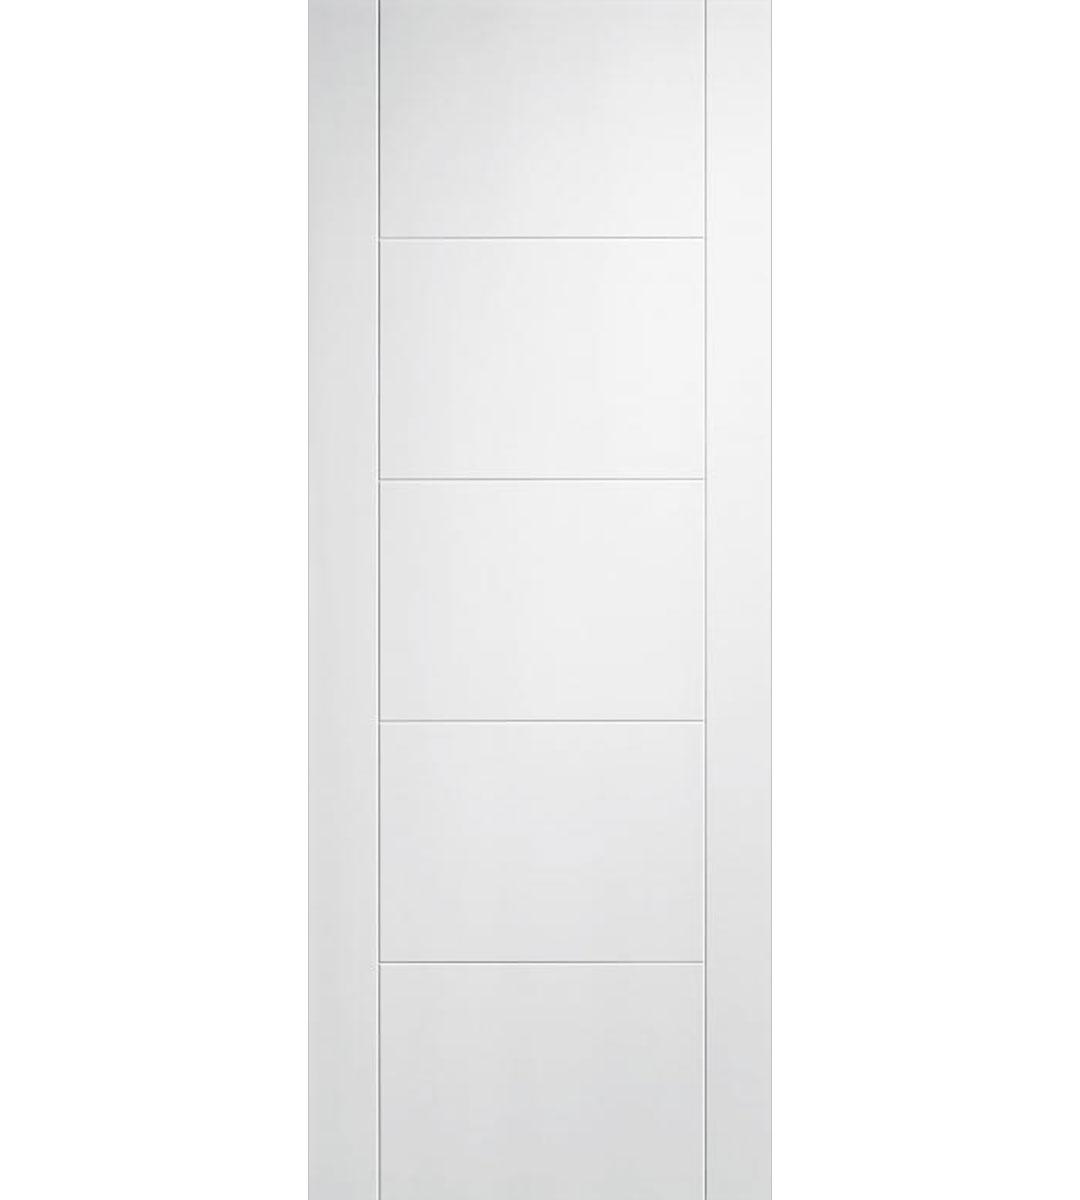 Vancouver White Internal 5 Panel Door - 1981mm-x-686mm-x-35mm